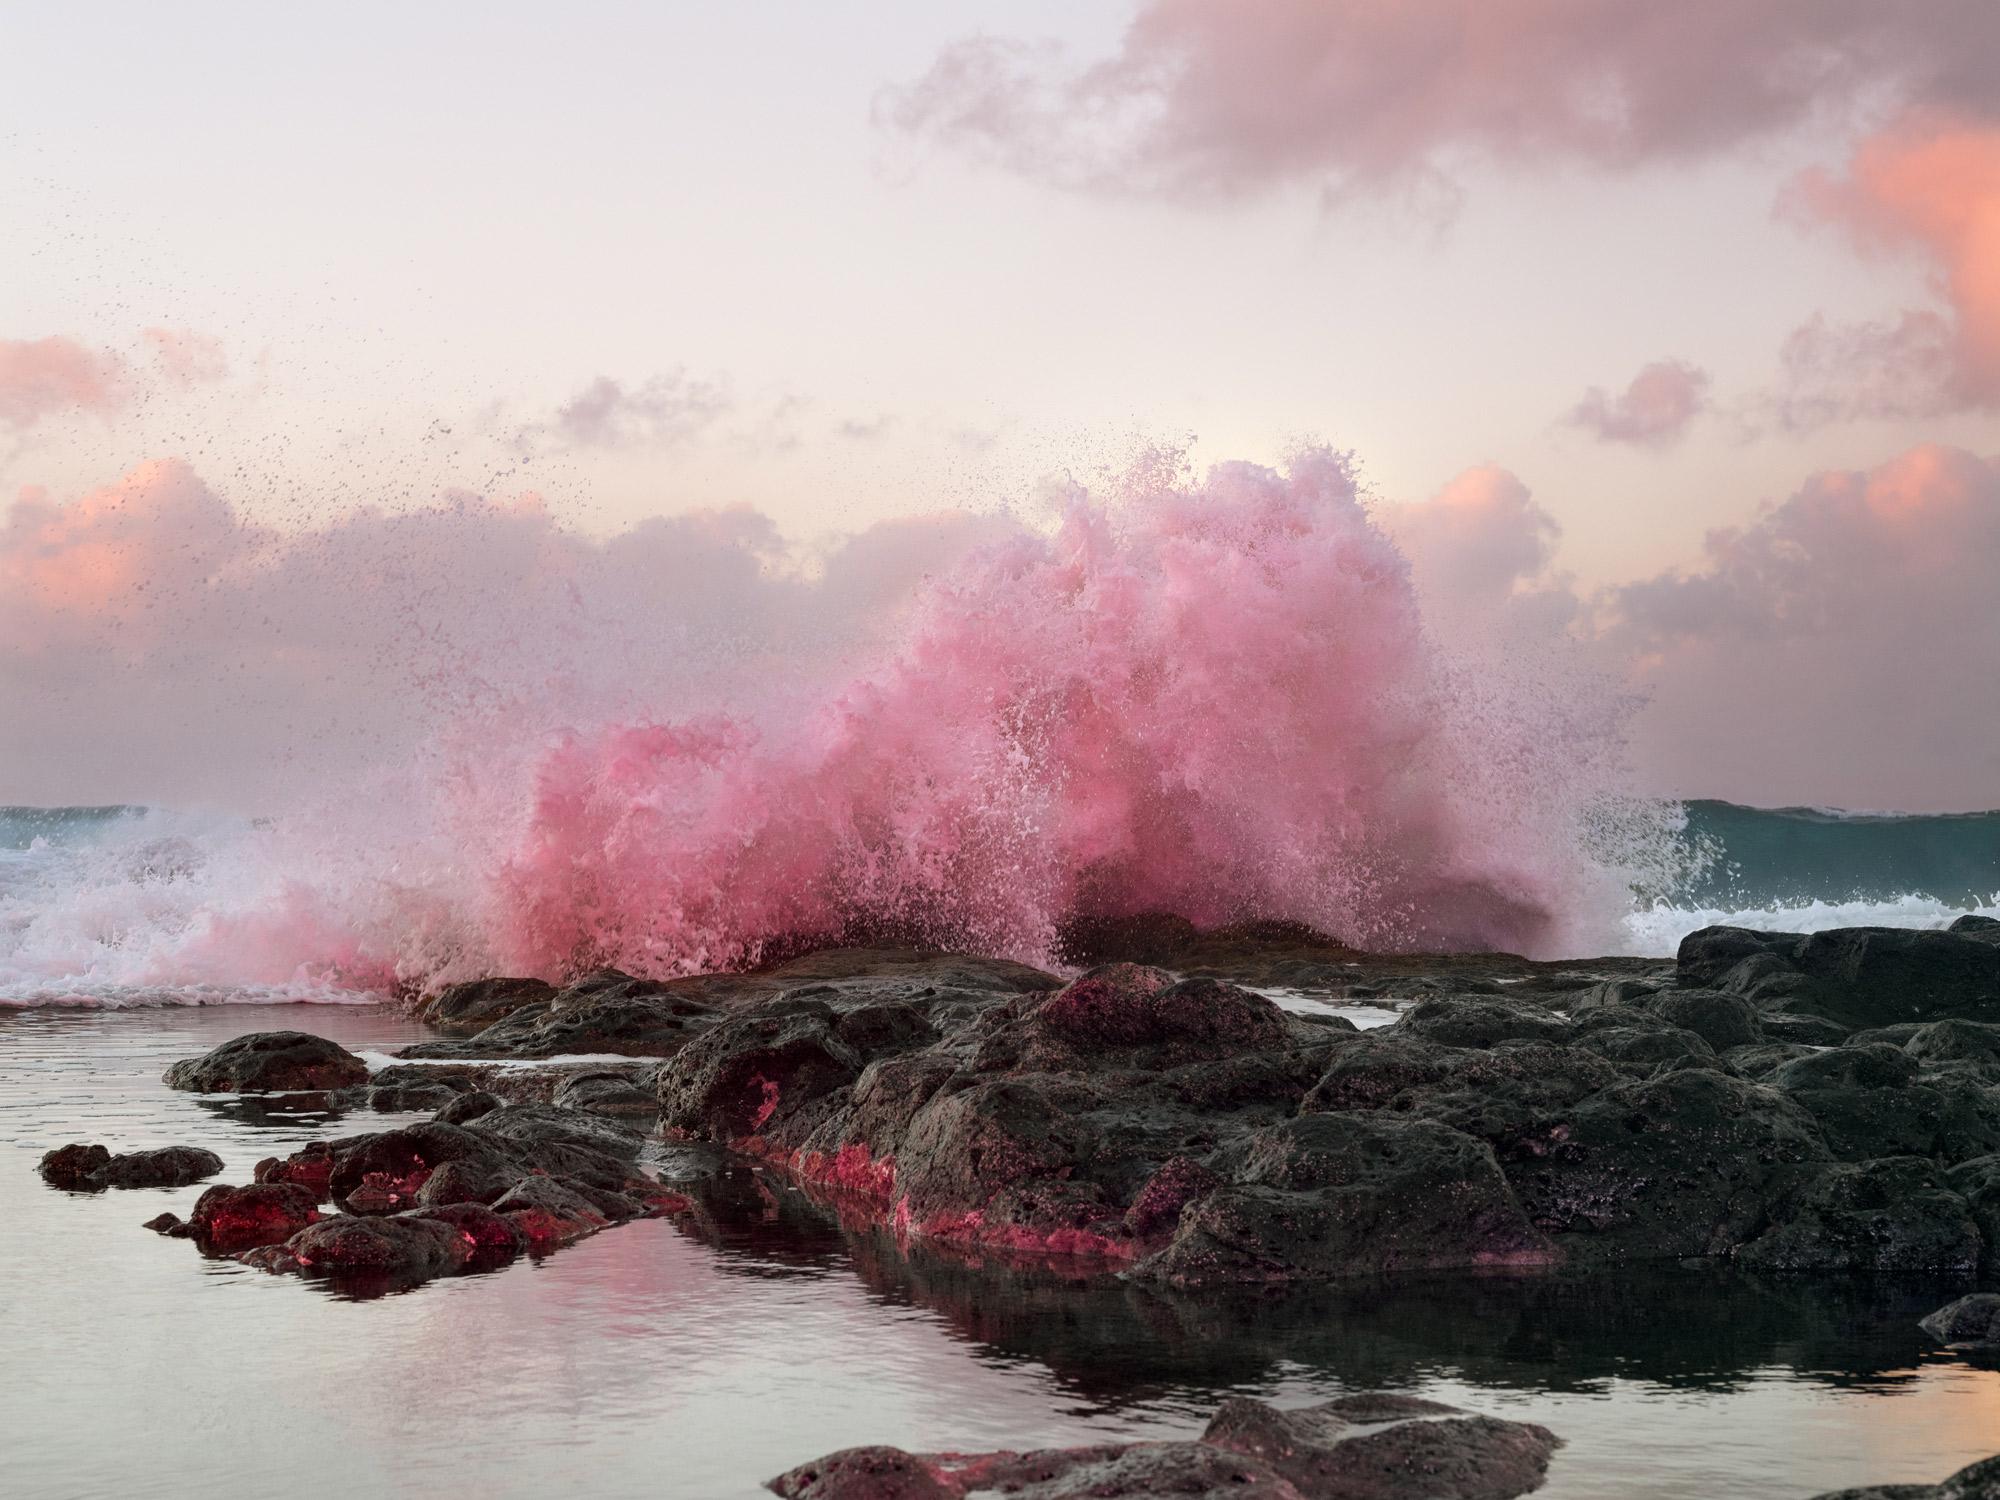 気鋭のアーティストデュオ・インカ&ニクラスが表現する、新しい風景画とは? | globalnews-201806054k-ultra-hd_08